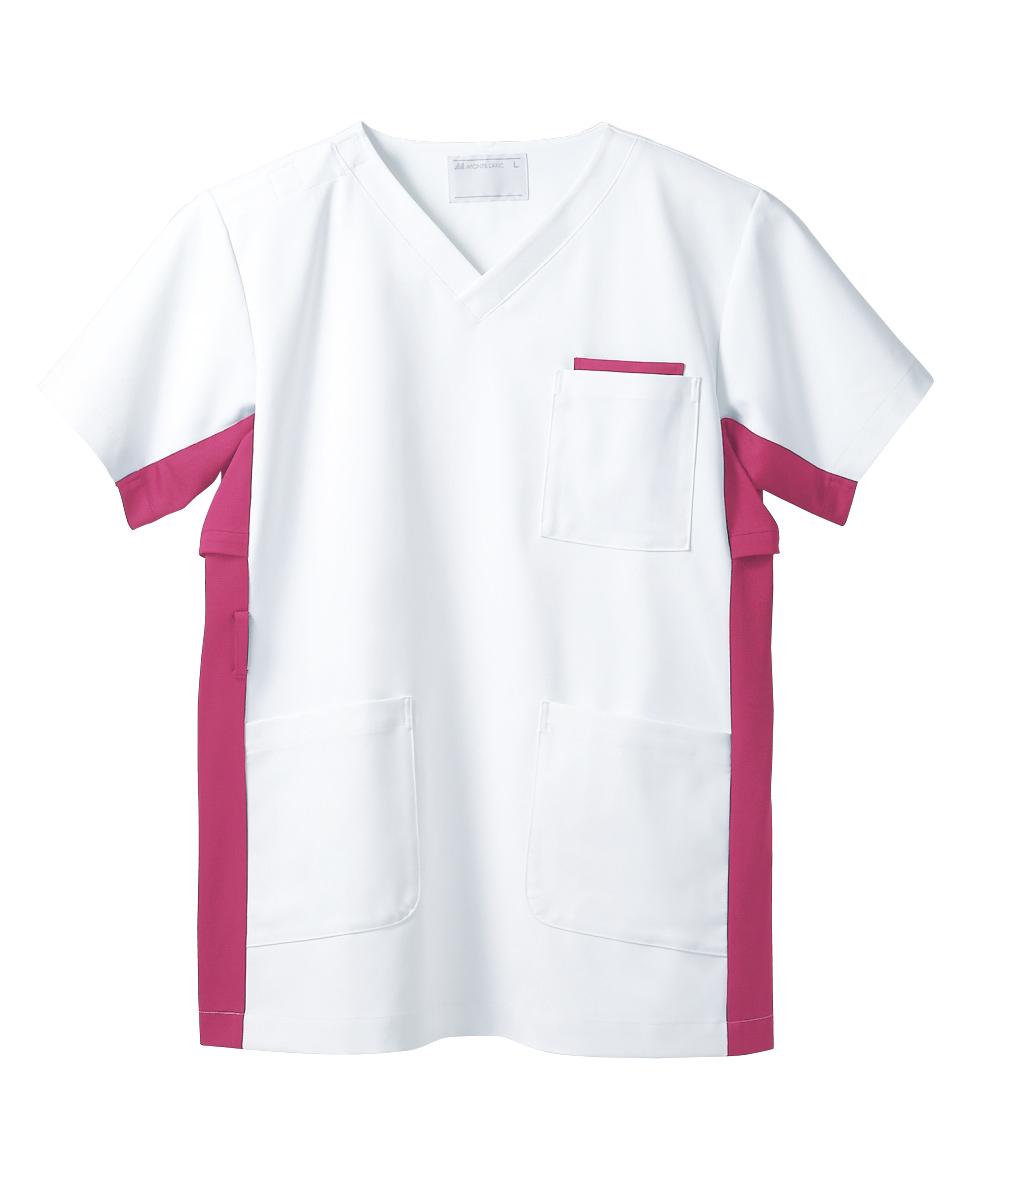 モンブラン 72-942 944 至上 945 948 流行のアイテム ジャケット 上衣 男女兼用 介護